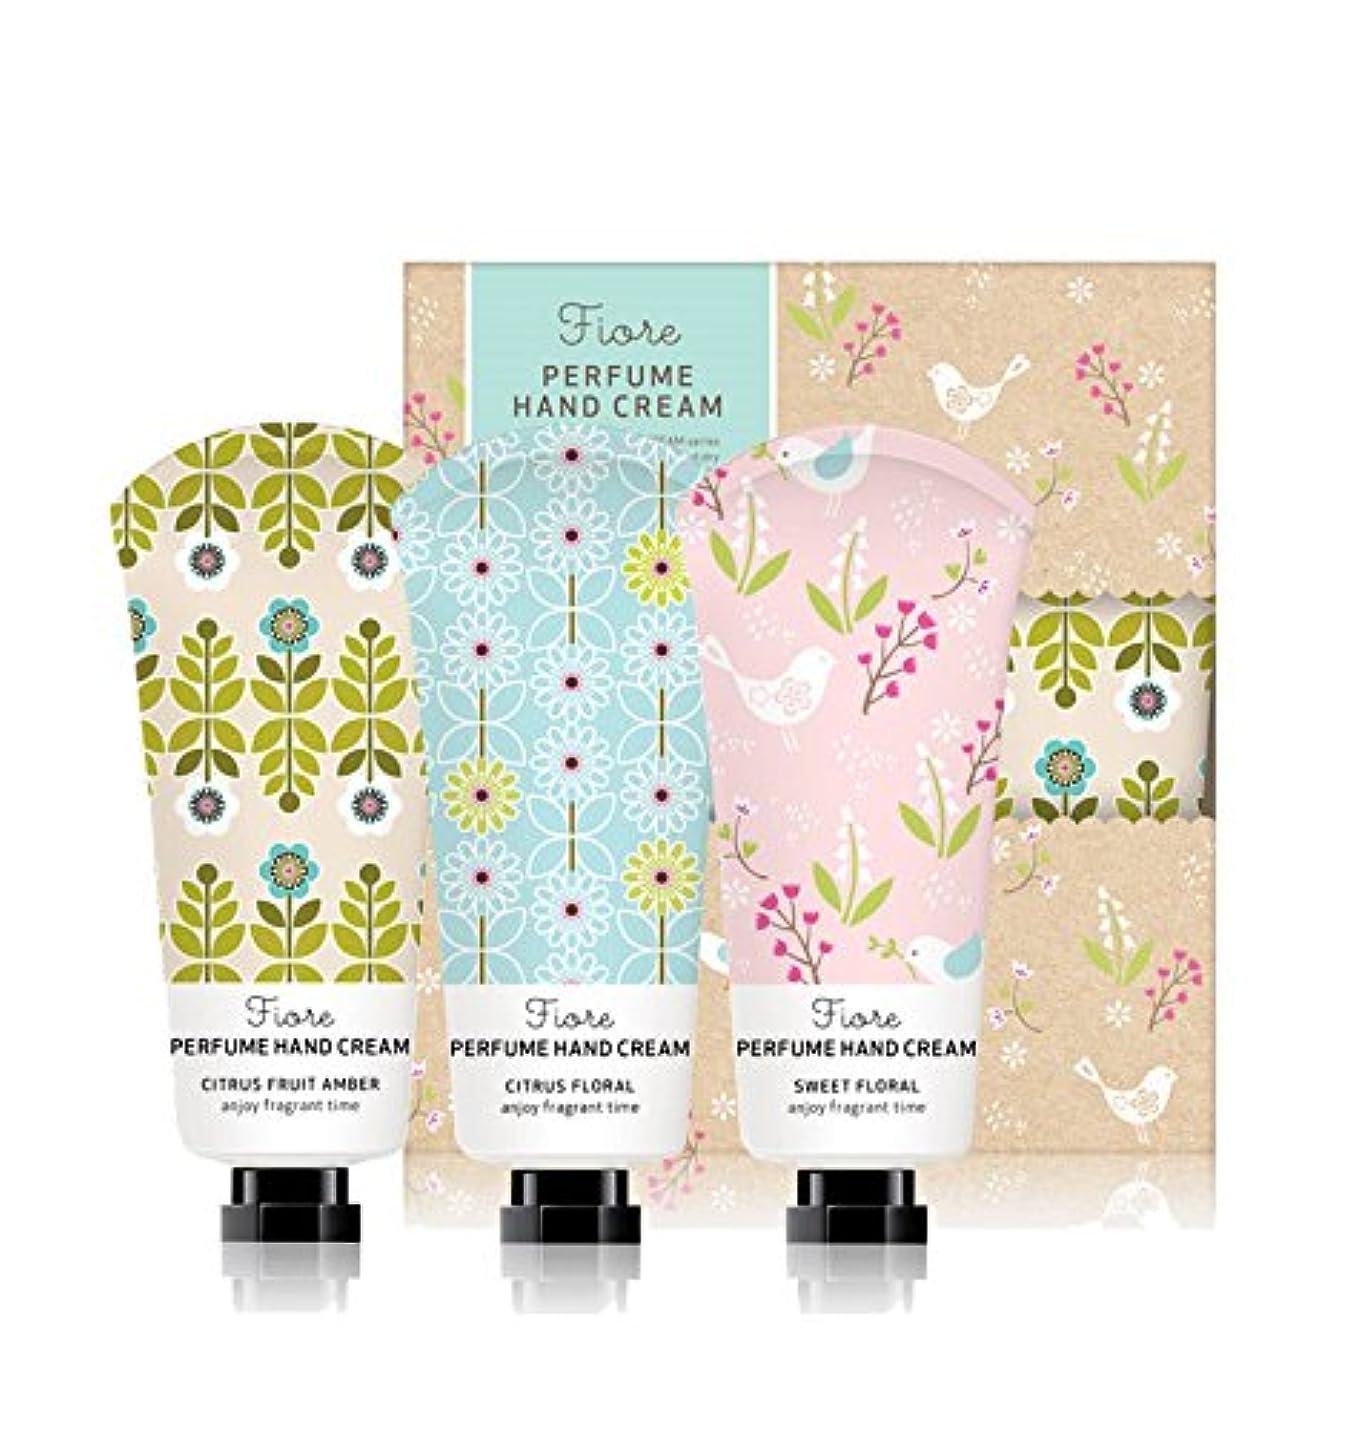 不快占める想像する[Fiore★ギフト用紙袋贈呈] パフュームハンドクリーム?スペシャルセット 60g x 3個セット / Perfume Hand Cream Specail Set